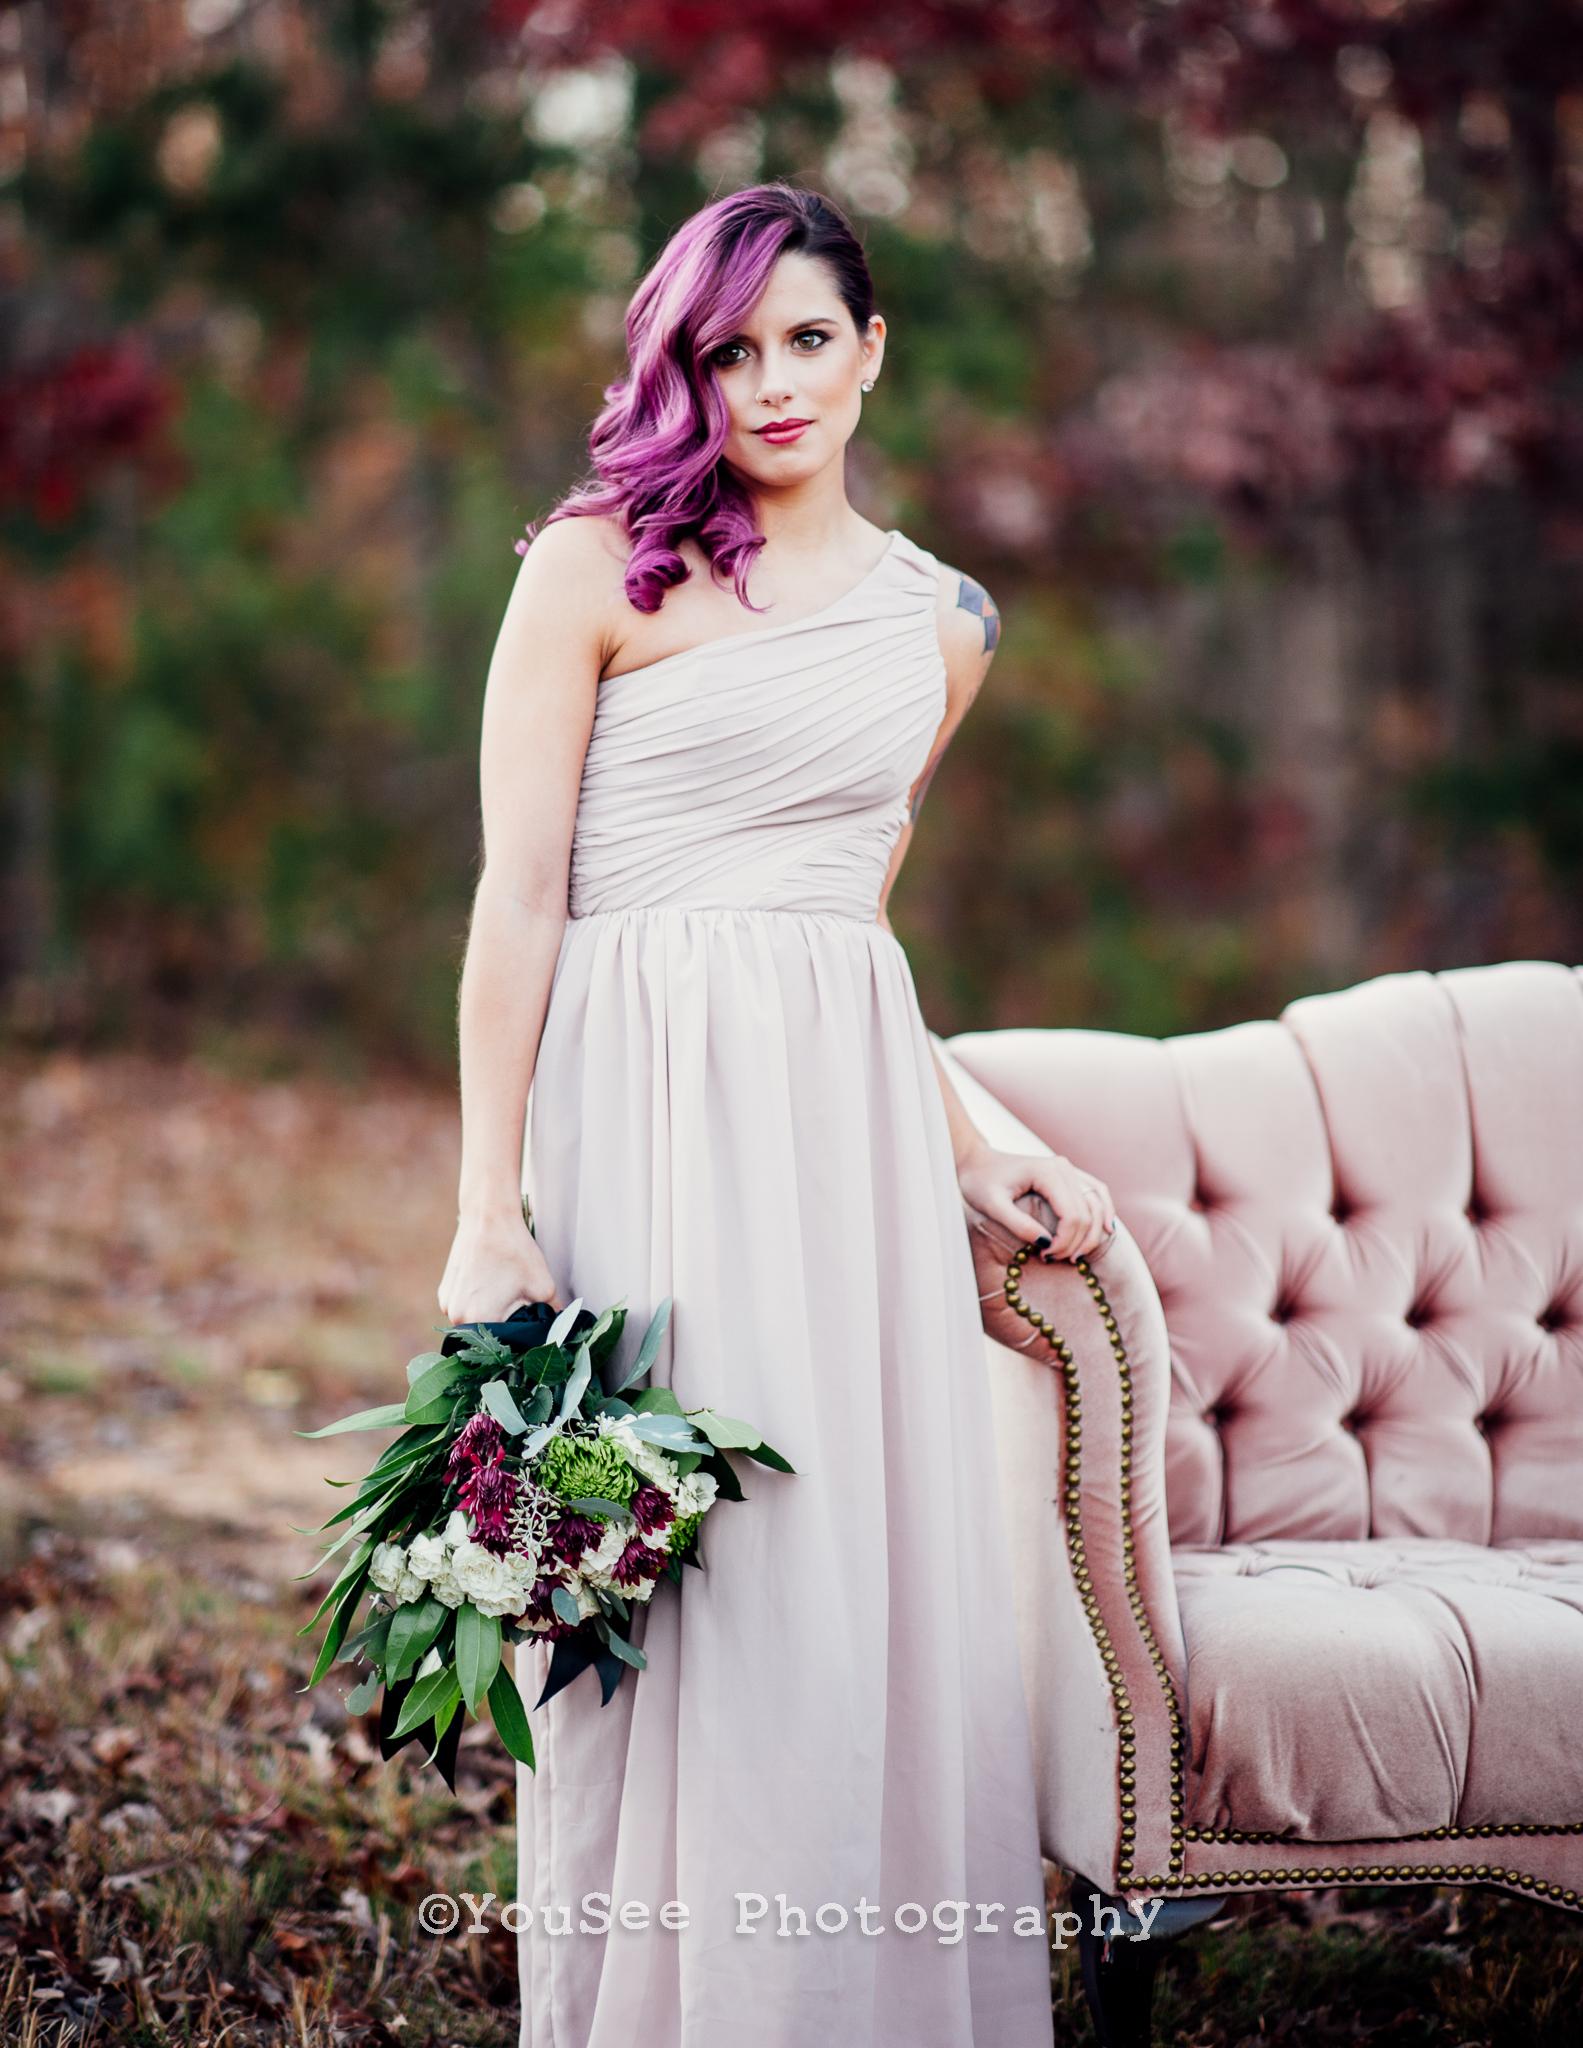 wedding_styledshoot_gothic_pursuit (6)